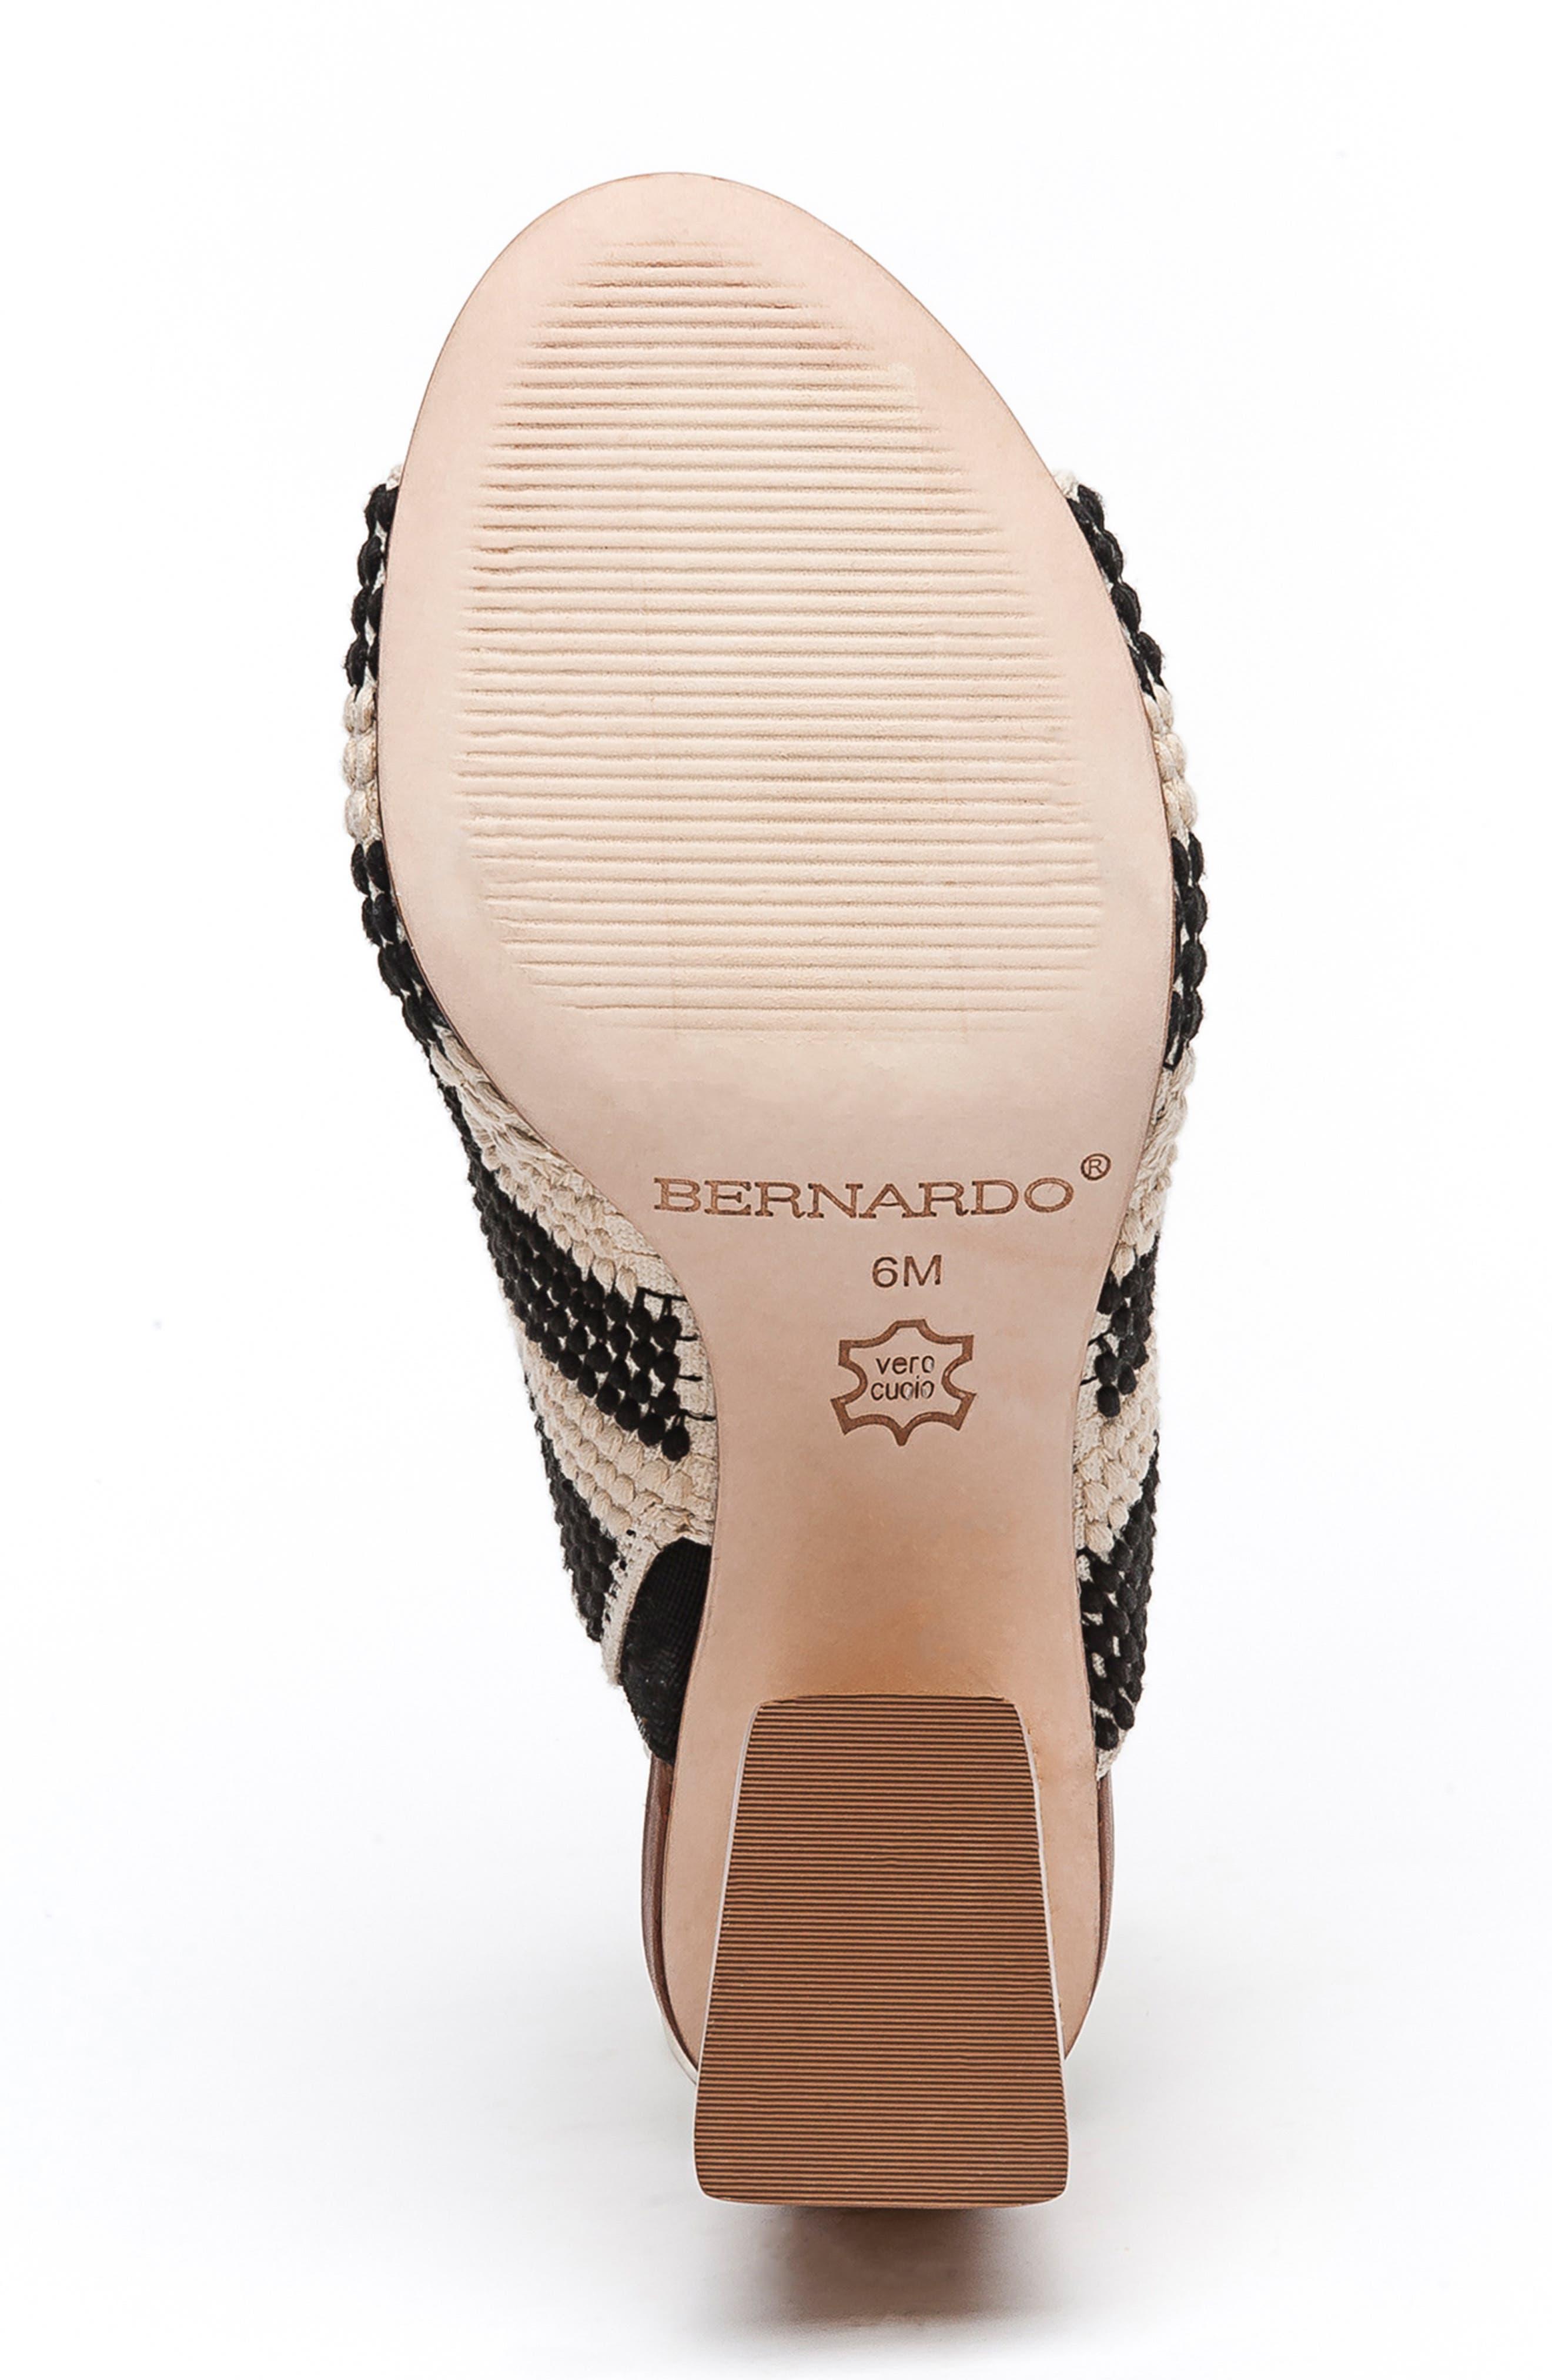 BERNARDO, Noelle Slide Sandal, Alternate thumbnail 6, color, BLACK/ CREAM CROCHET FABRIC